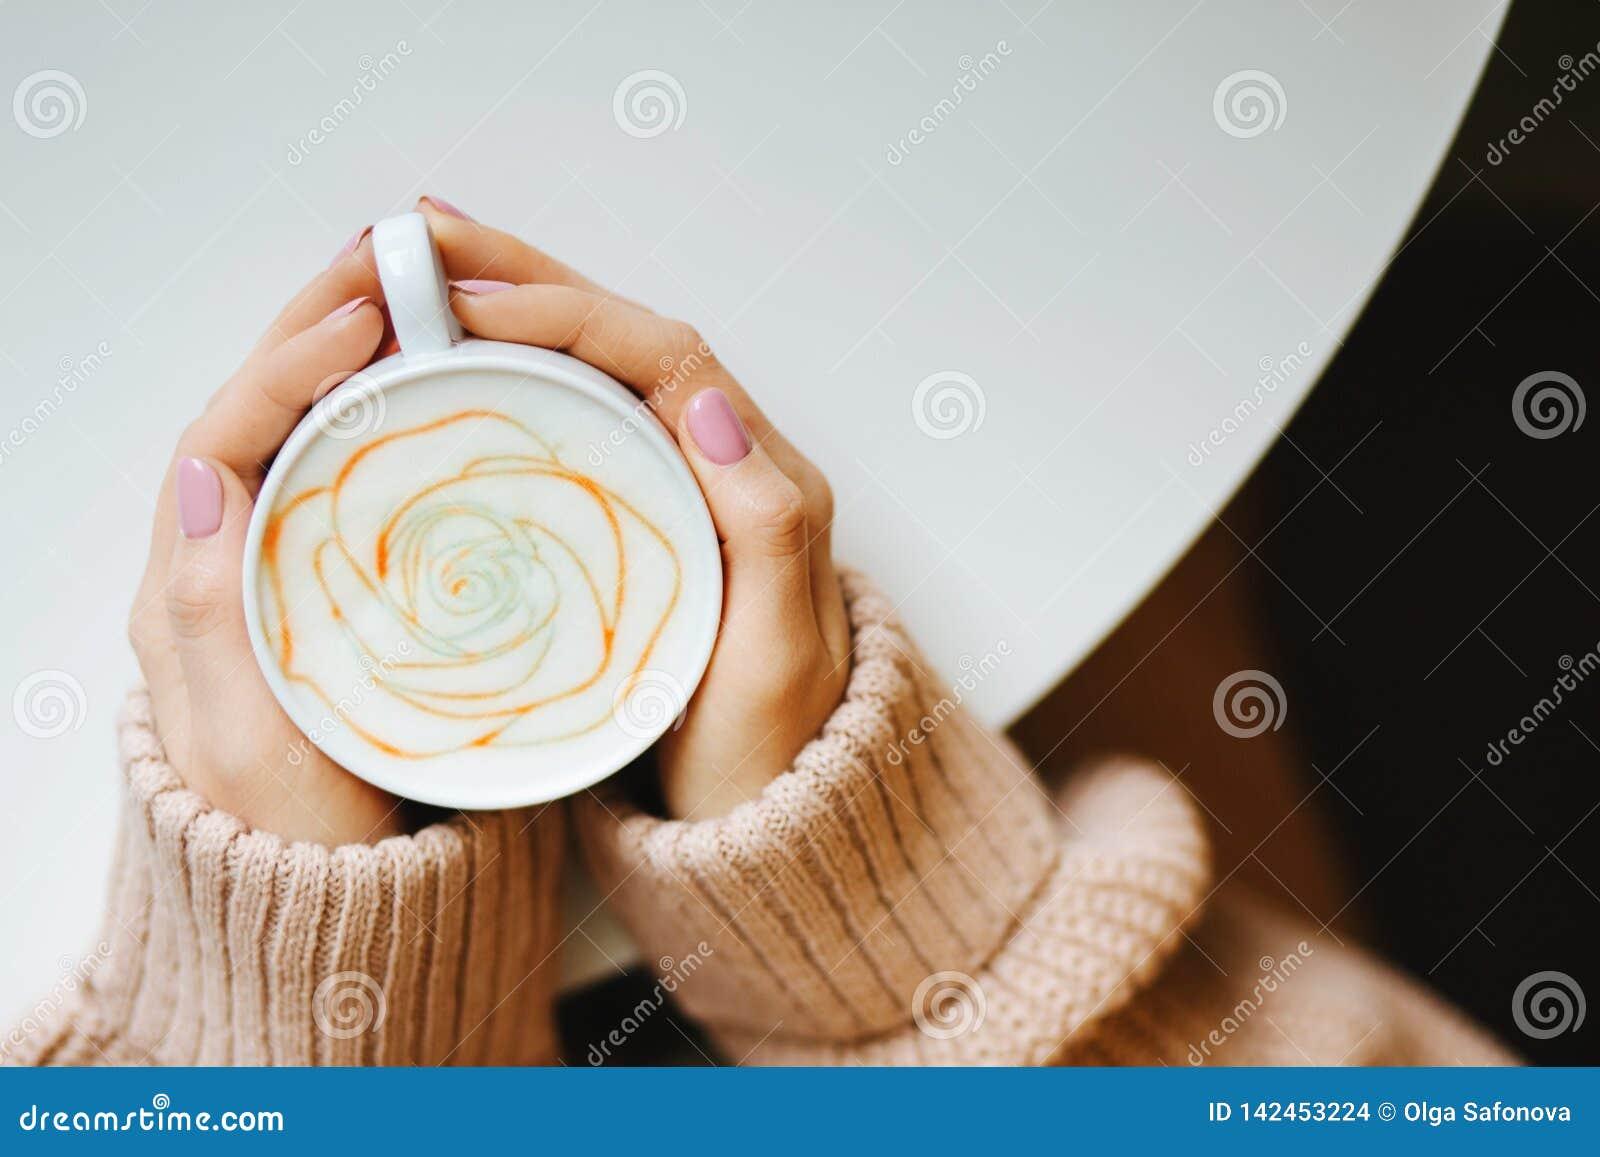 Tasse avec du café dans les mains